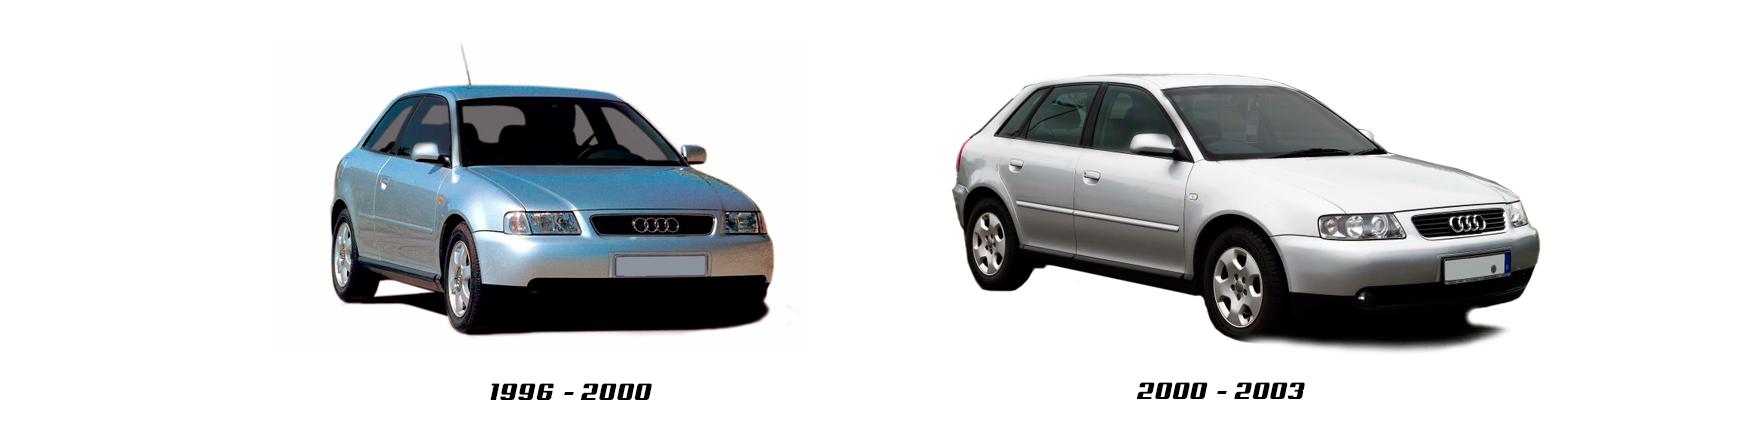 Audi A3 de 2000, 2001, 2002 y 2003. Recambios para coche. Envíos 24H.